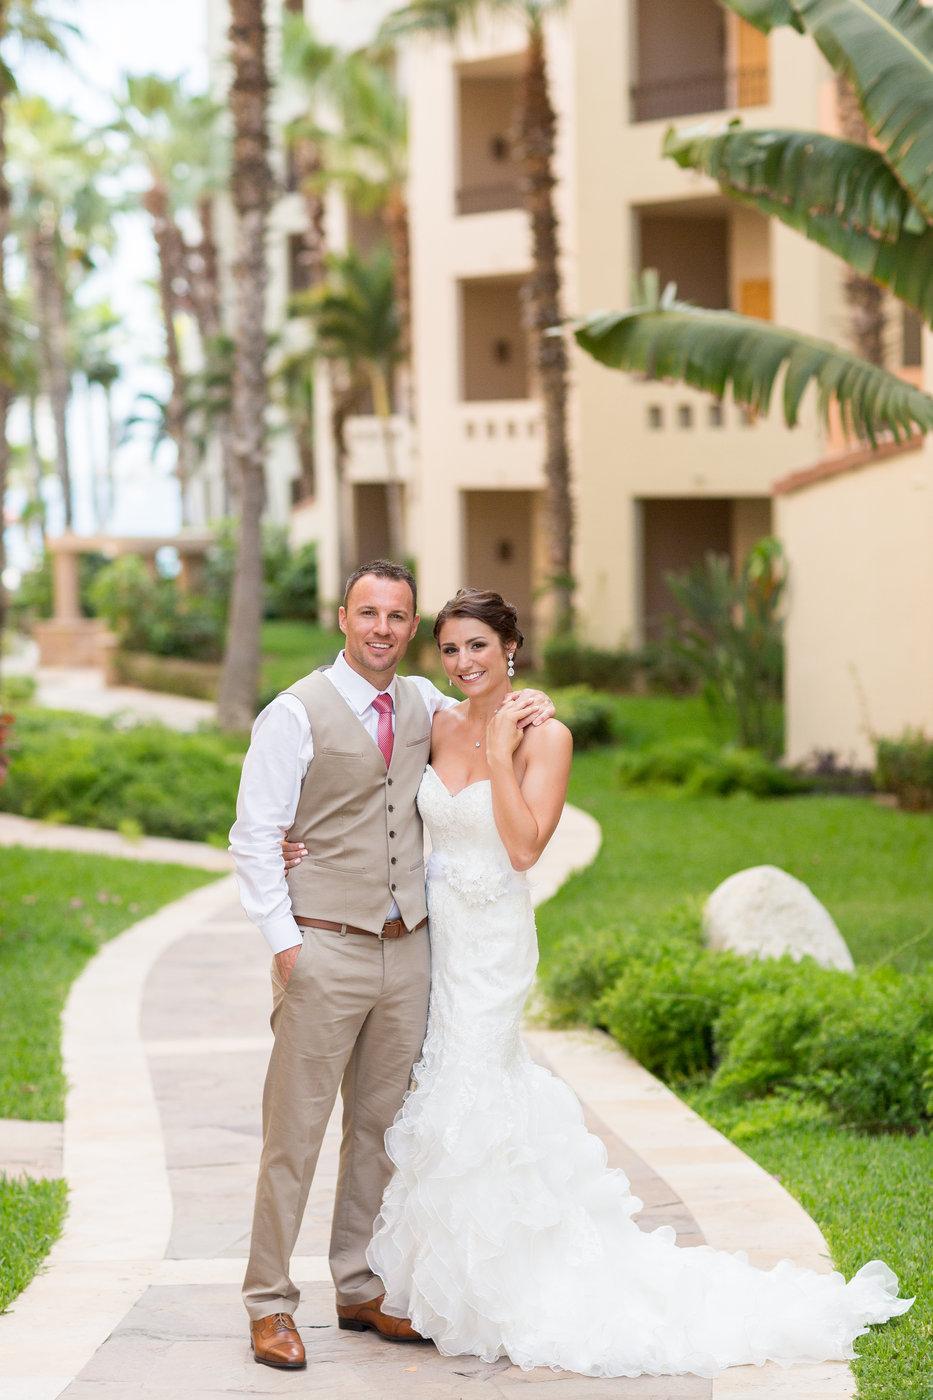 destination-wedding-cabo-san-lucas-mexico-beach-photographer.jpg